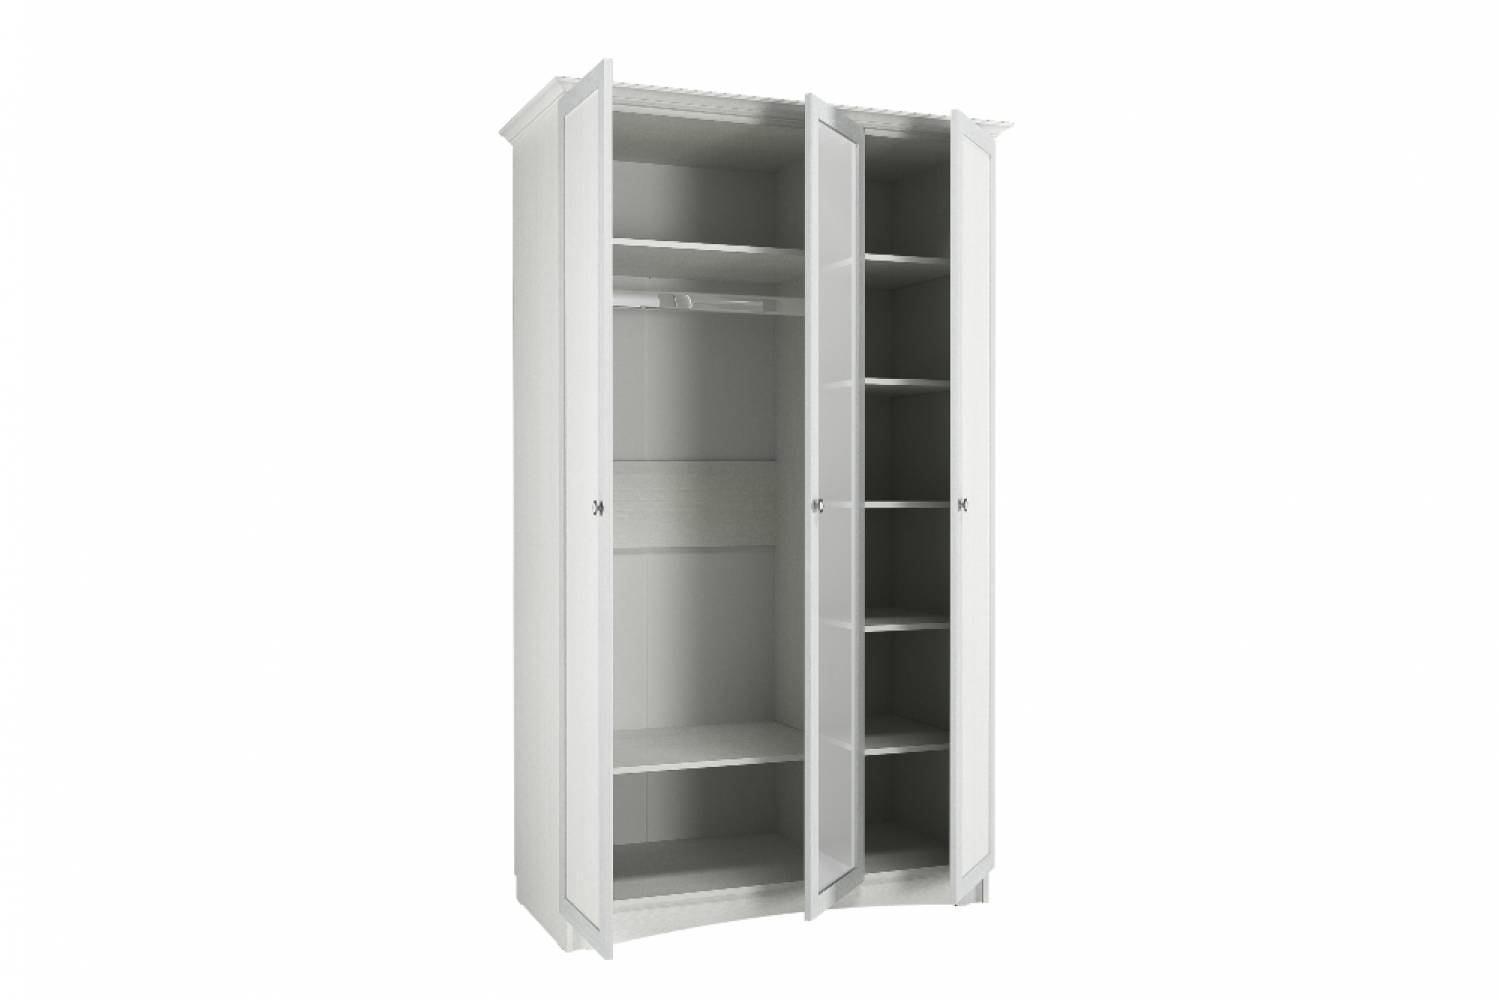 Шкаф комбинированный НМ 009.17 М1 ПРОВАНС